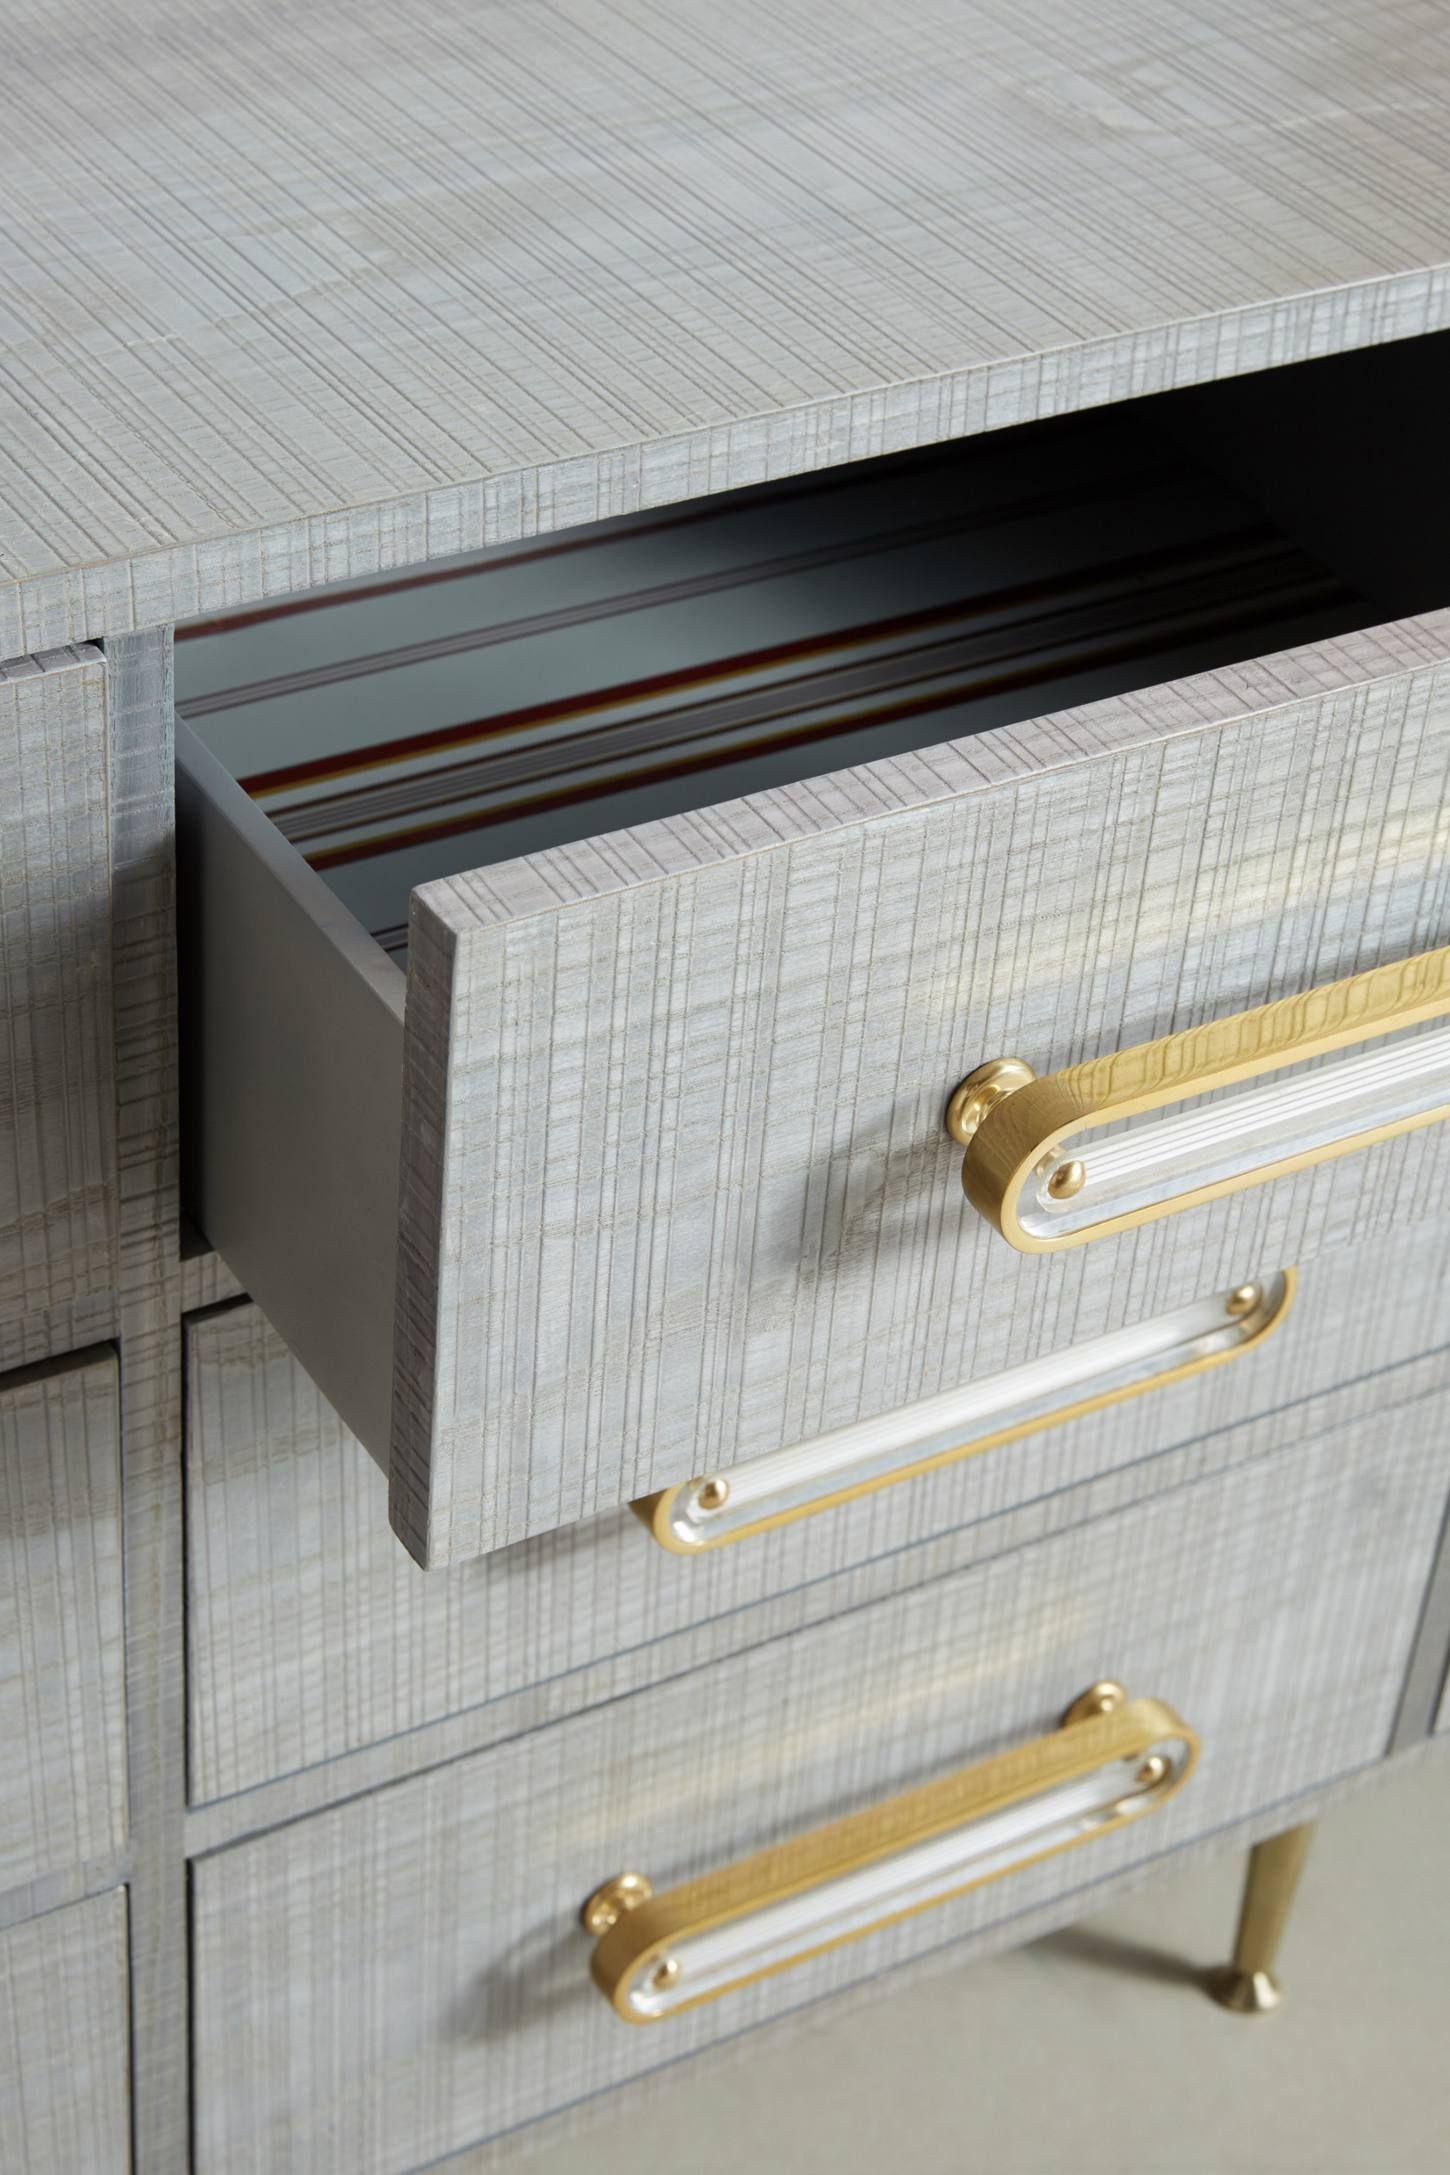 Odetta Nine Drawer Dresser In 2020 Dresser Drawers Drawers Cabinet Door Hardware